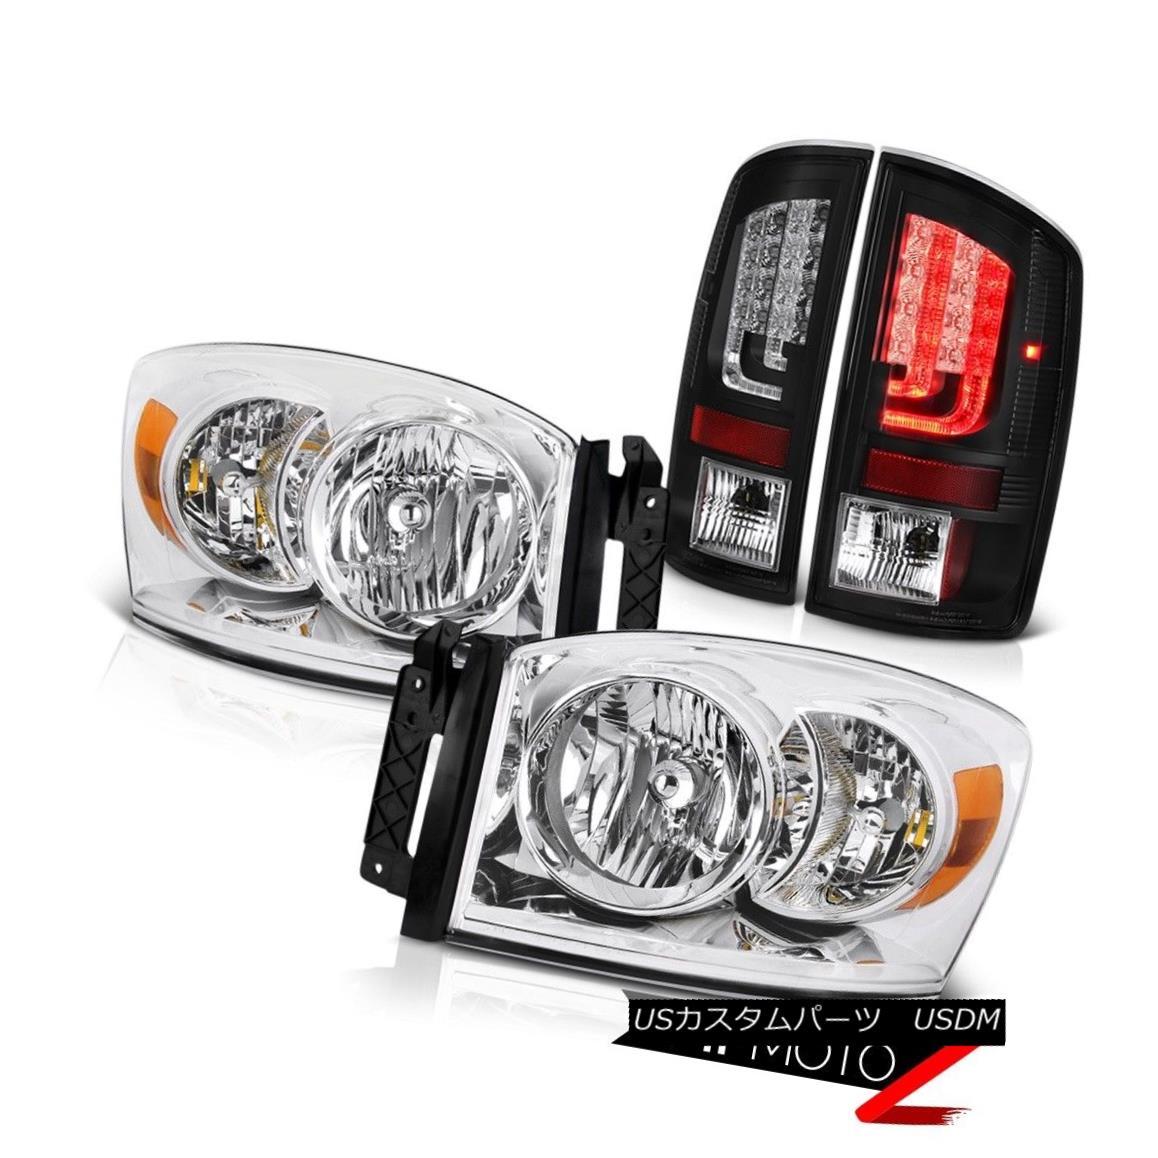 ヘッドライト 2007-2009 Dodge Ram 2500 WS Taillamps Headlamps OLED Prism Light Bar Assembly 2007-2009 Dodge Ram 2500 WSタイルランプヘッドランプOLEDプリズムライトバーアセンブリ